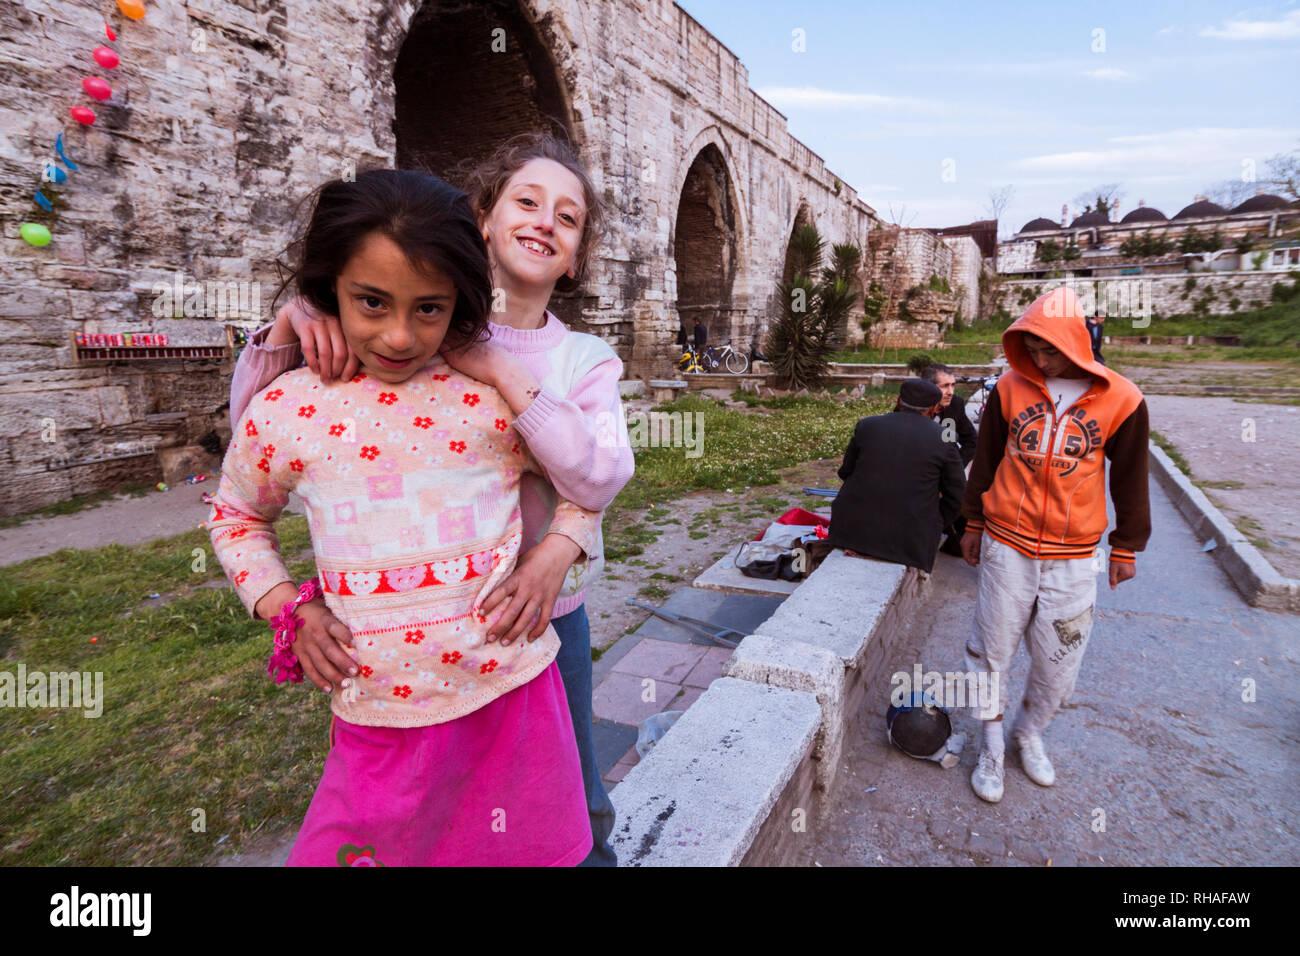 Istanbul, Turchia : vita quotidiana scena sotto l Acquedotto di Valente, un acquedotto romano che è stato il grande acqua-sistema di fornitura dell'Est cappuccio Romano Immagini Stock